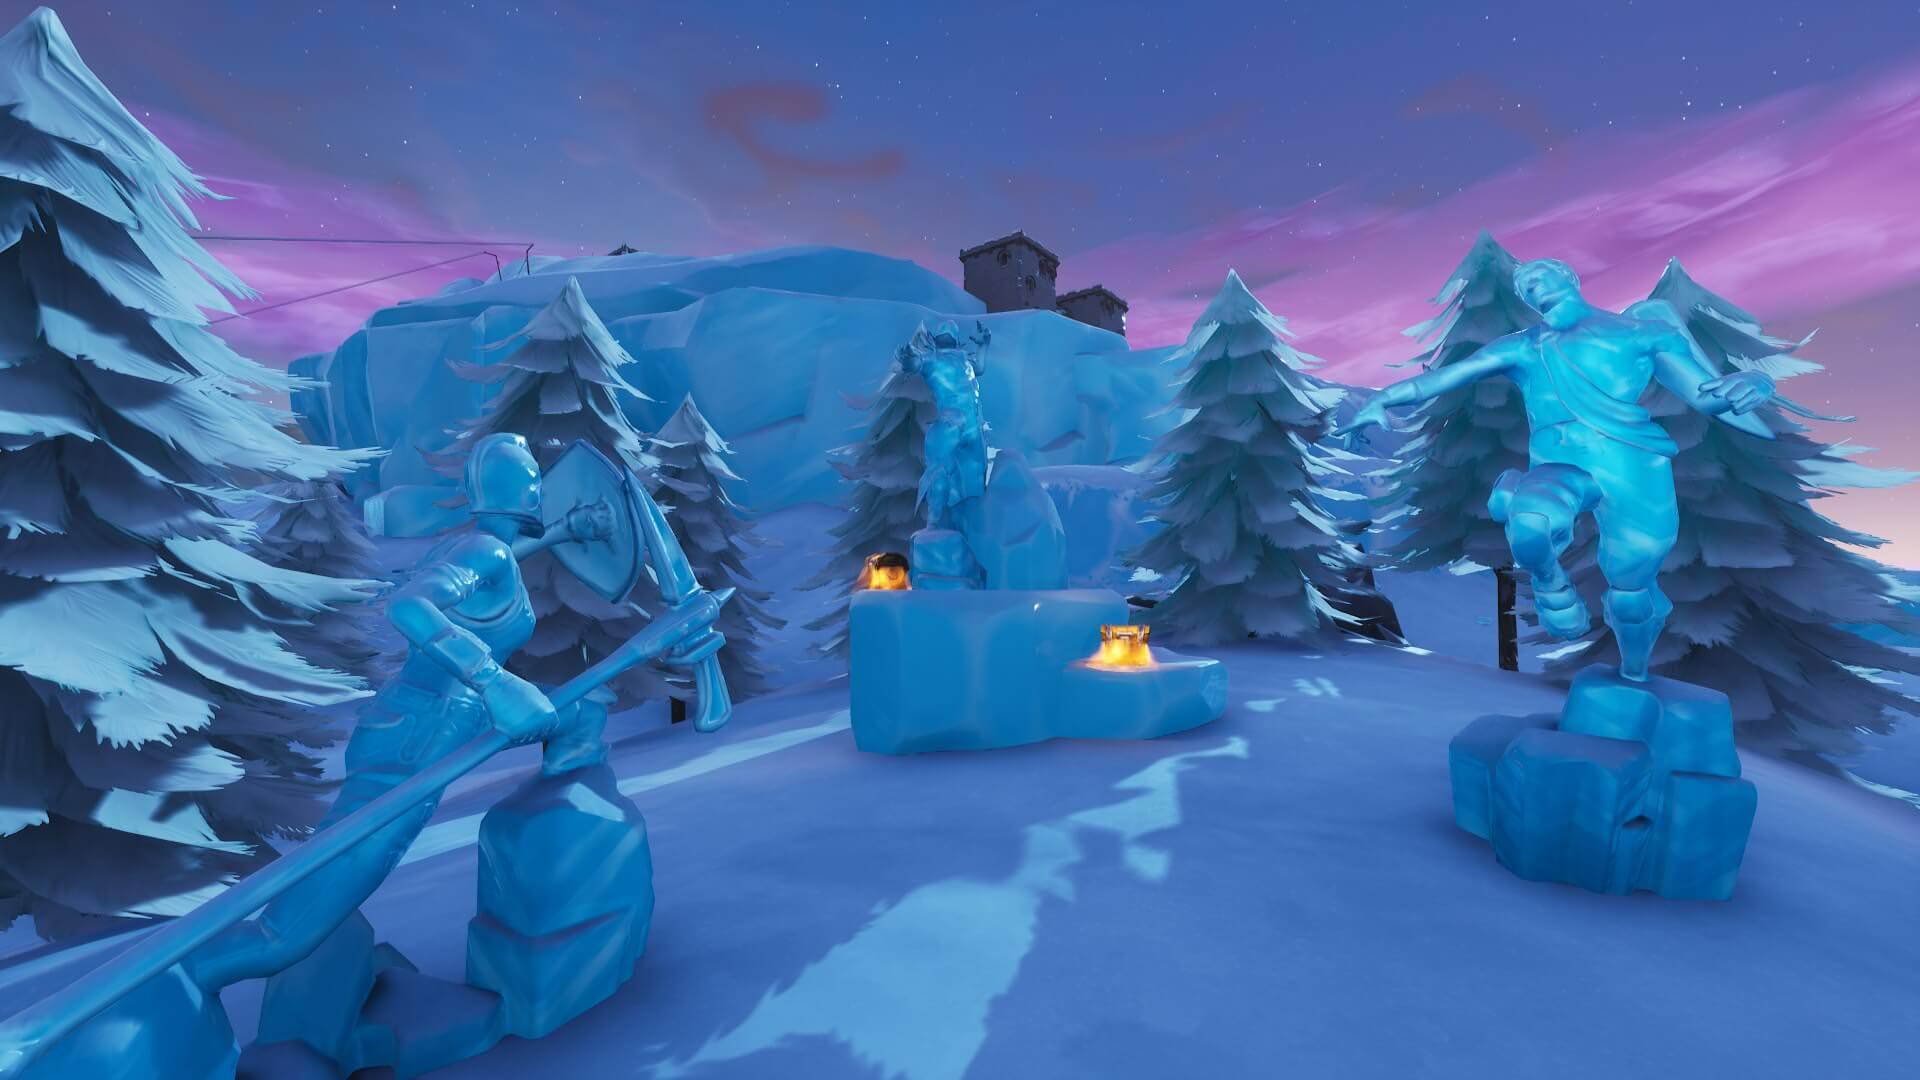 Fortnite Frozen Legends Starter Pack Leaked Winter Themed Red